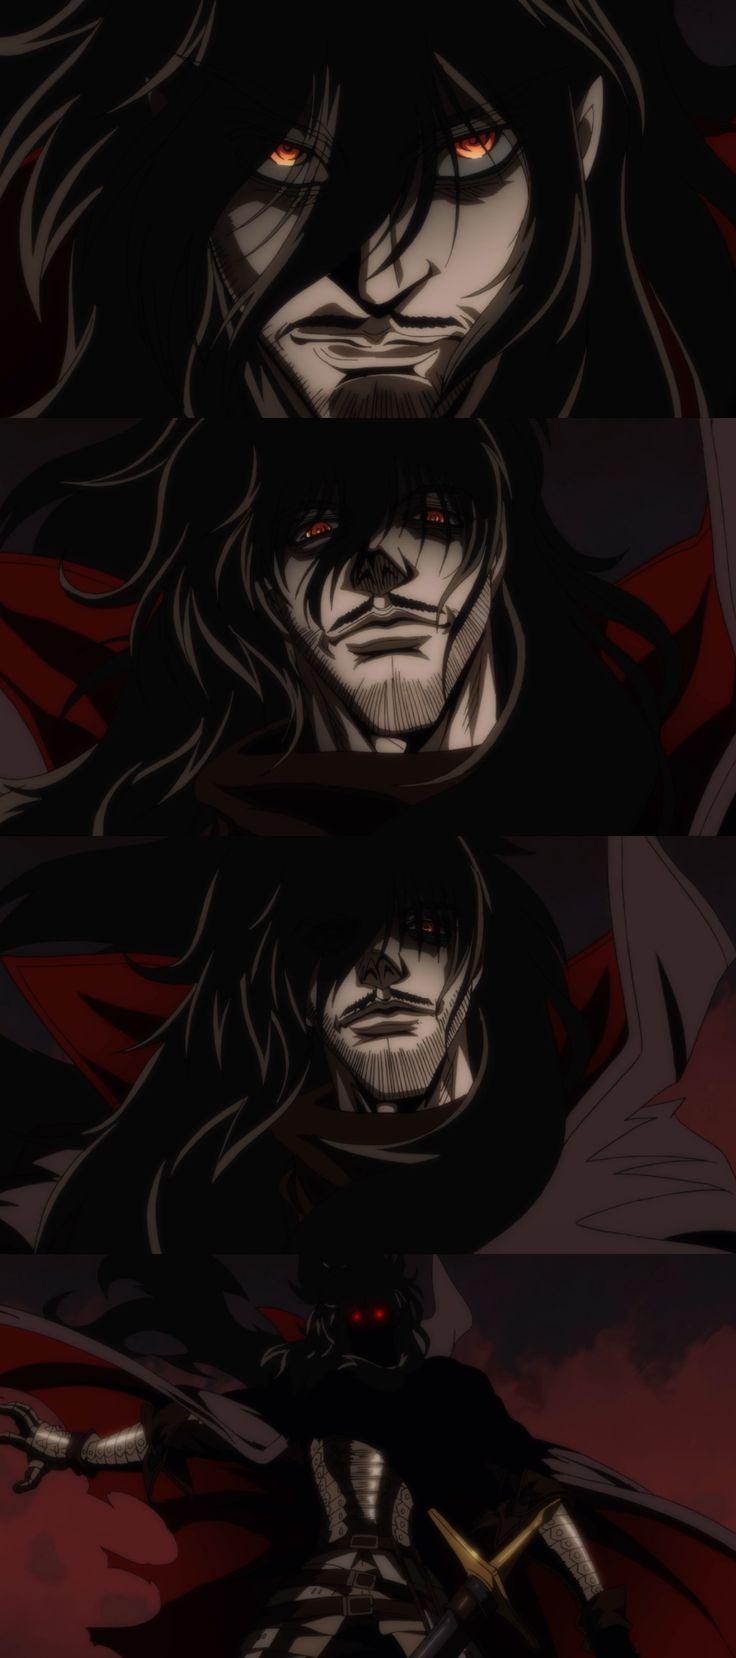 whooooooa wait...what?! WHEN DID HE...mustache and beaaaarrrddddd #alucard